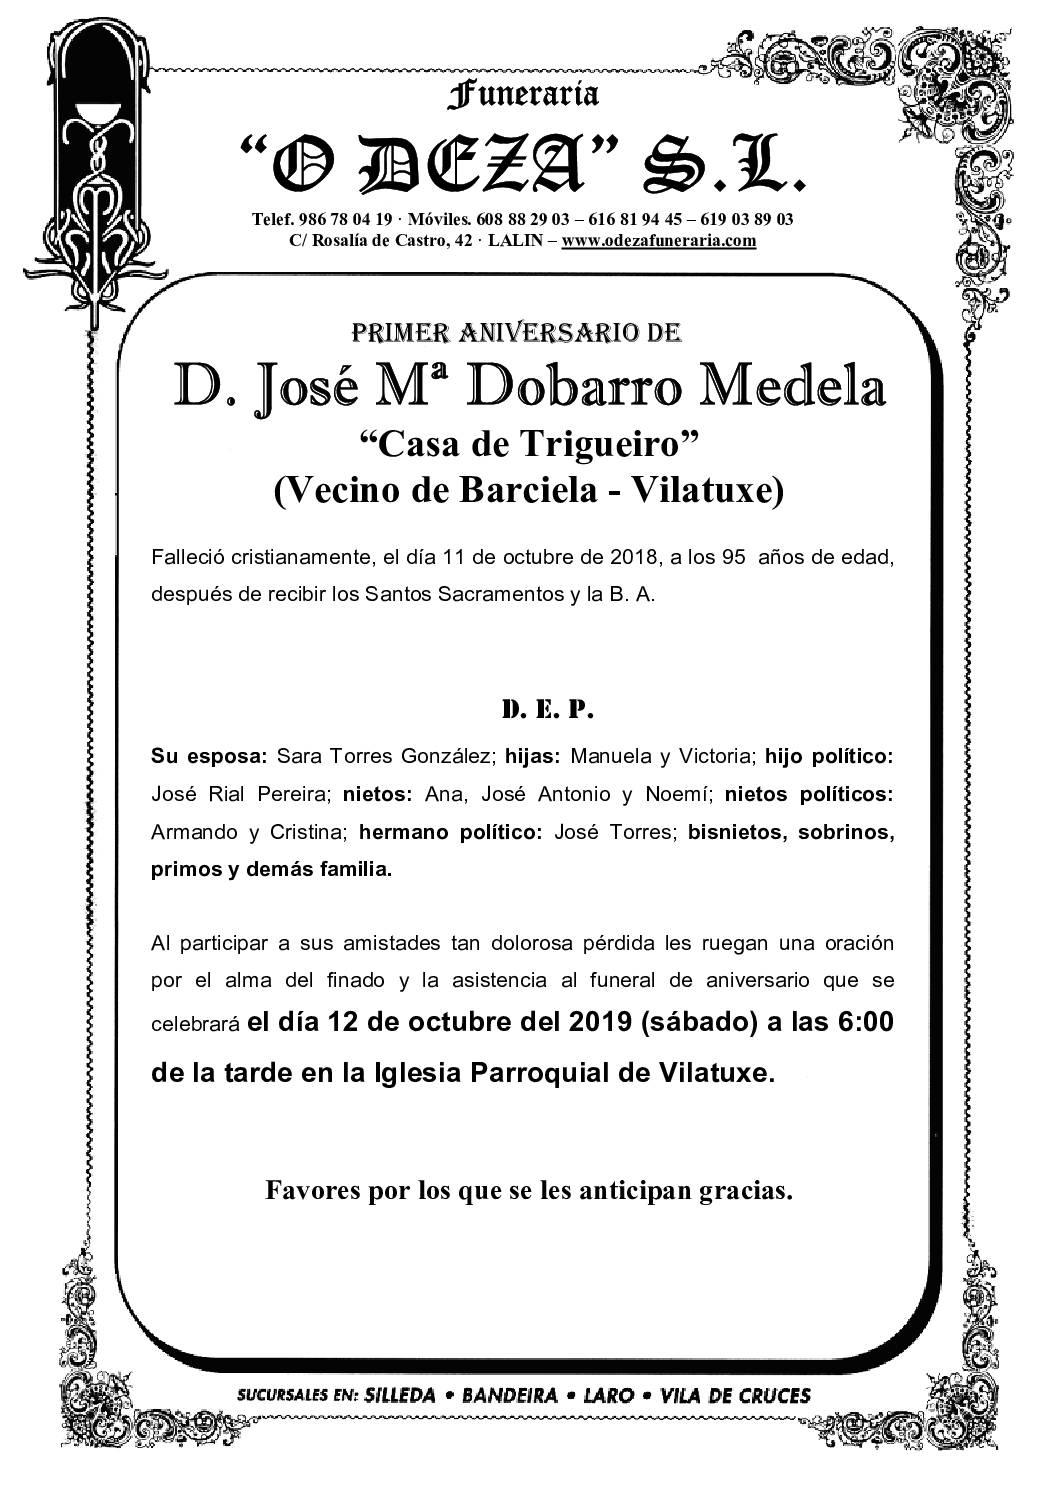 D. JOSÉ Mª DOBARRO MEDELA